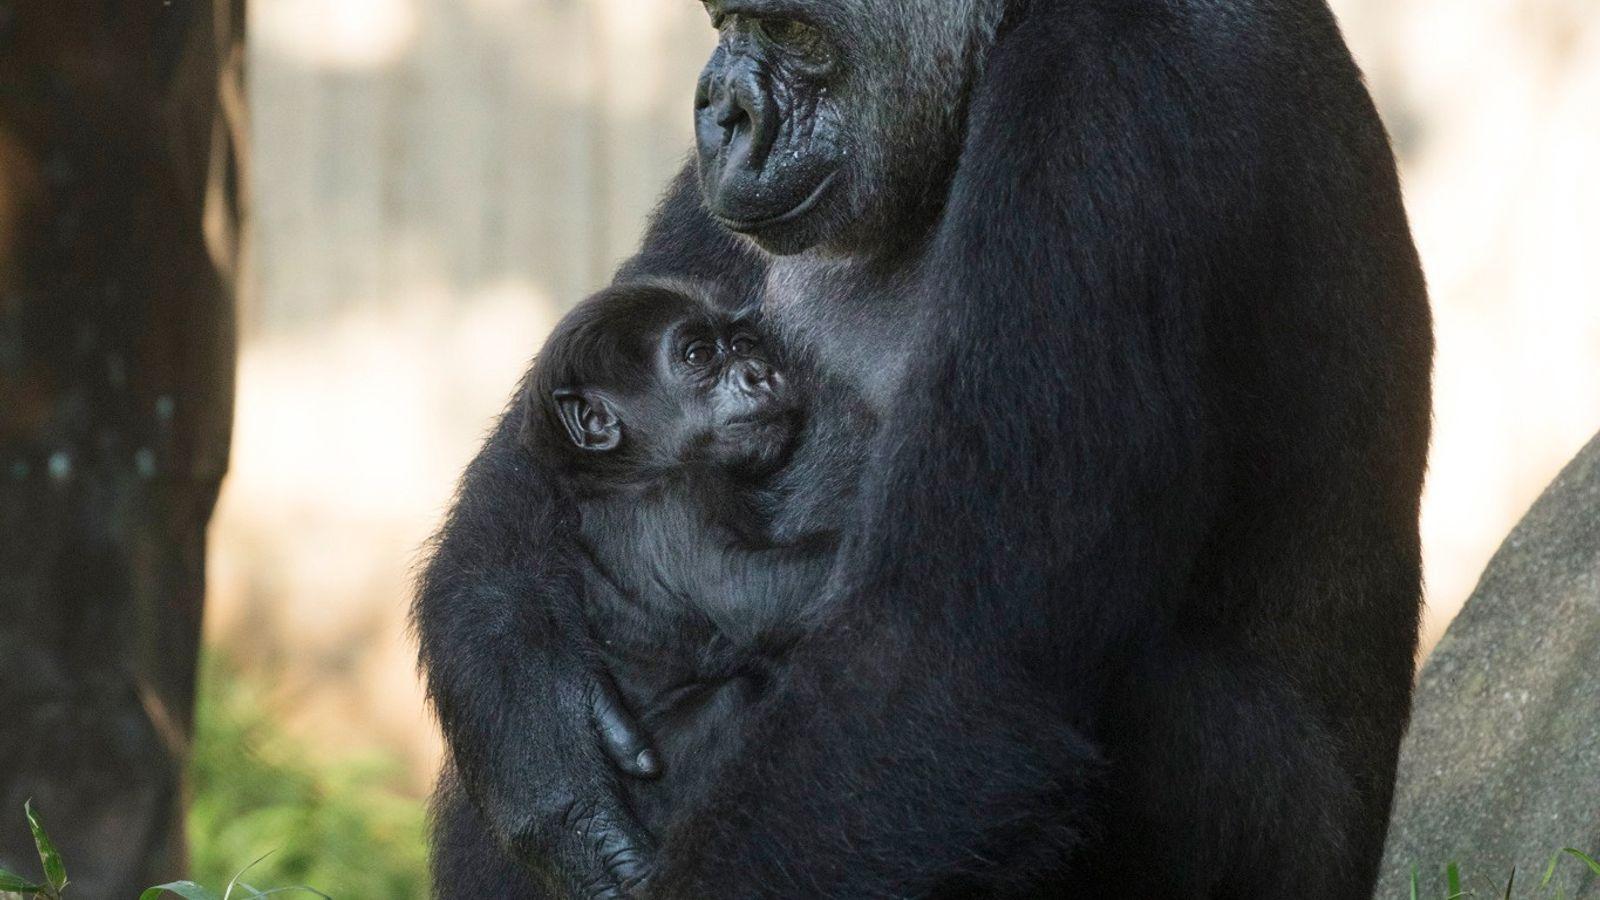 El gorila occidental de tierras bajas, Calaya, lleva a su recién nacido, Moke, al patio del ...